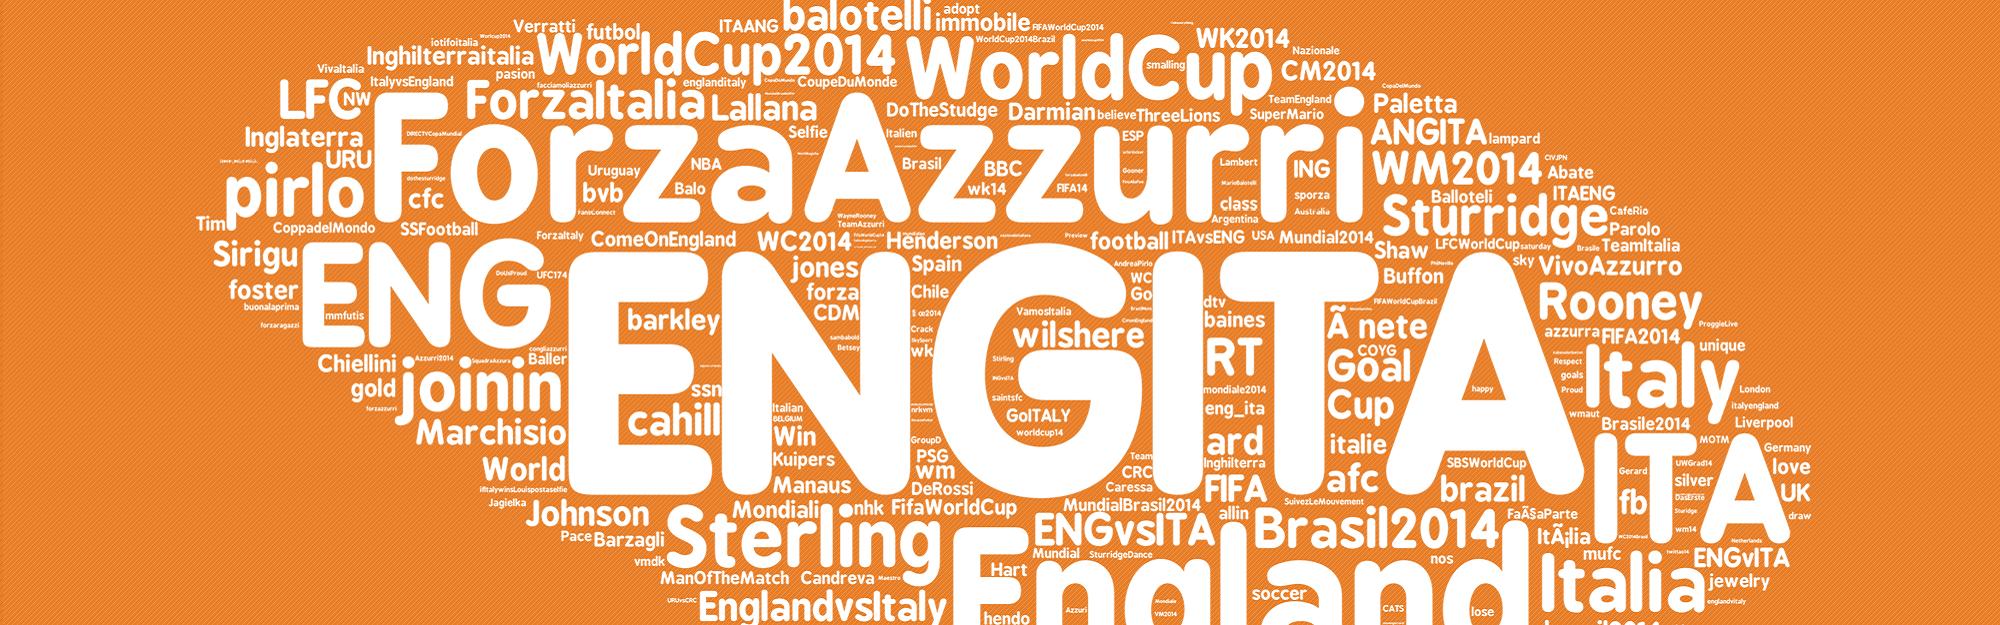 Italia-Inghilterra: data analysis e gradimento delle conversazioni Twitter con Parterre [INFOGRAFICA MONDIALI 2014]